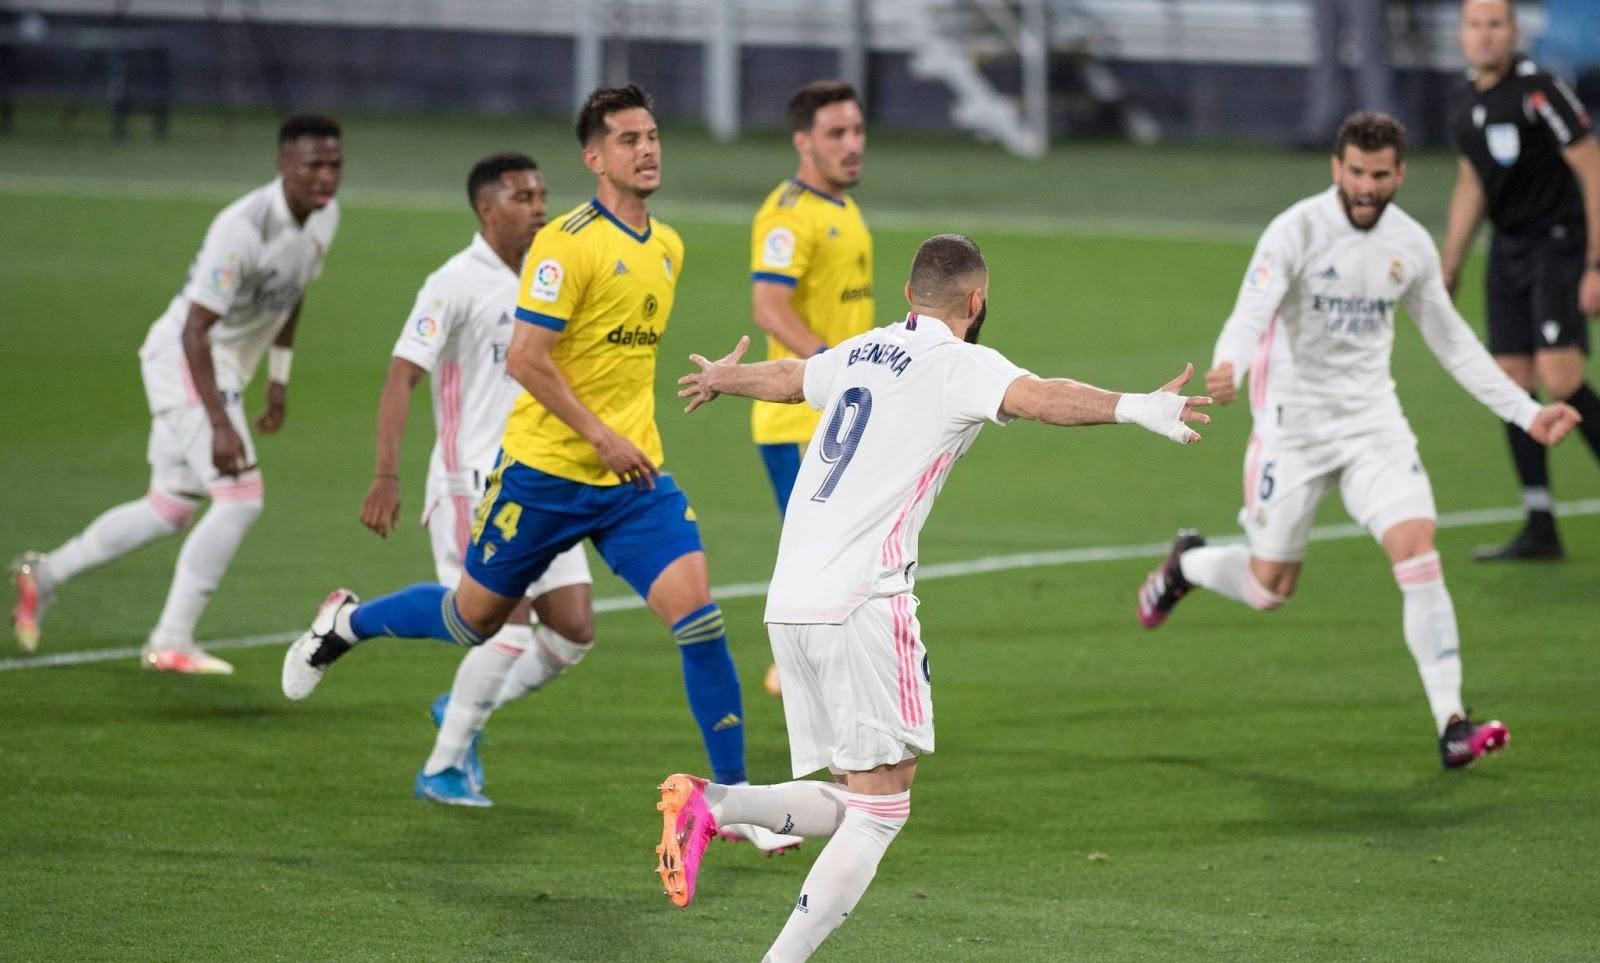 ملخص واهداف مباراة ريال مدريد وقادش (3-0) الدوري الاسباني